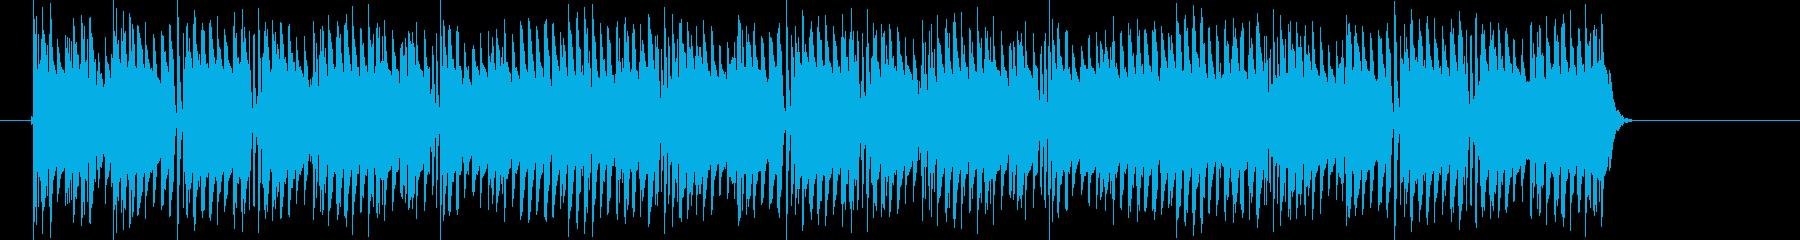 混乱しているコンピュータ音の再生済みの波形